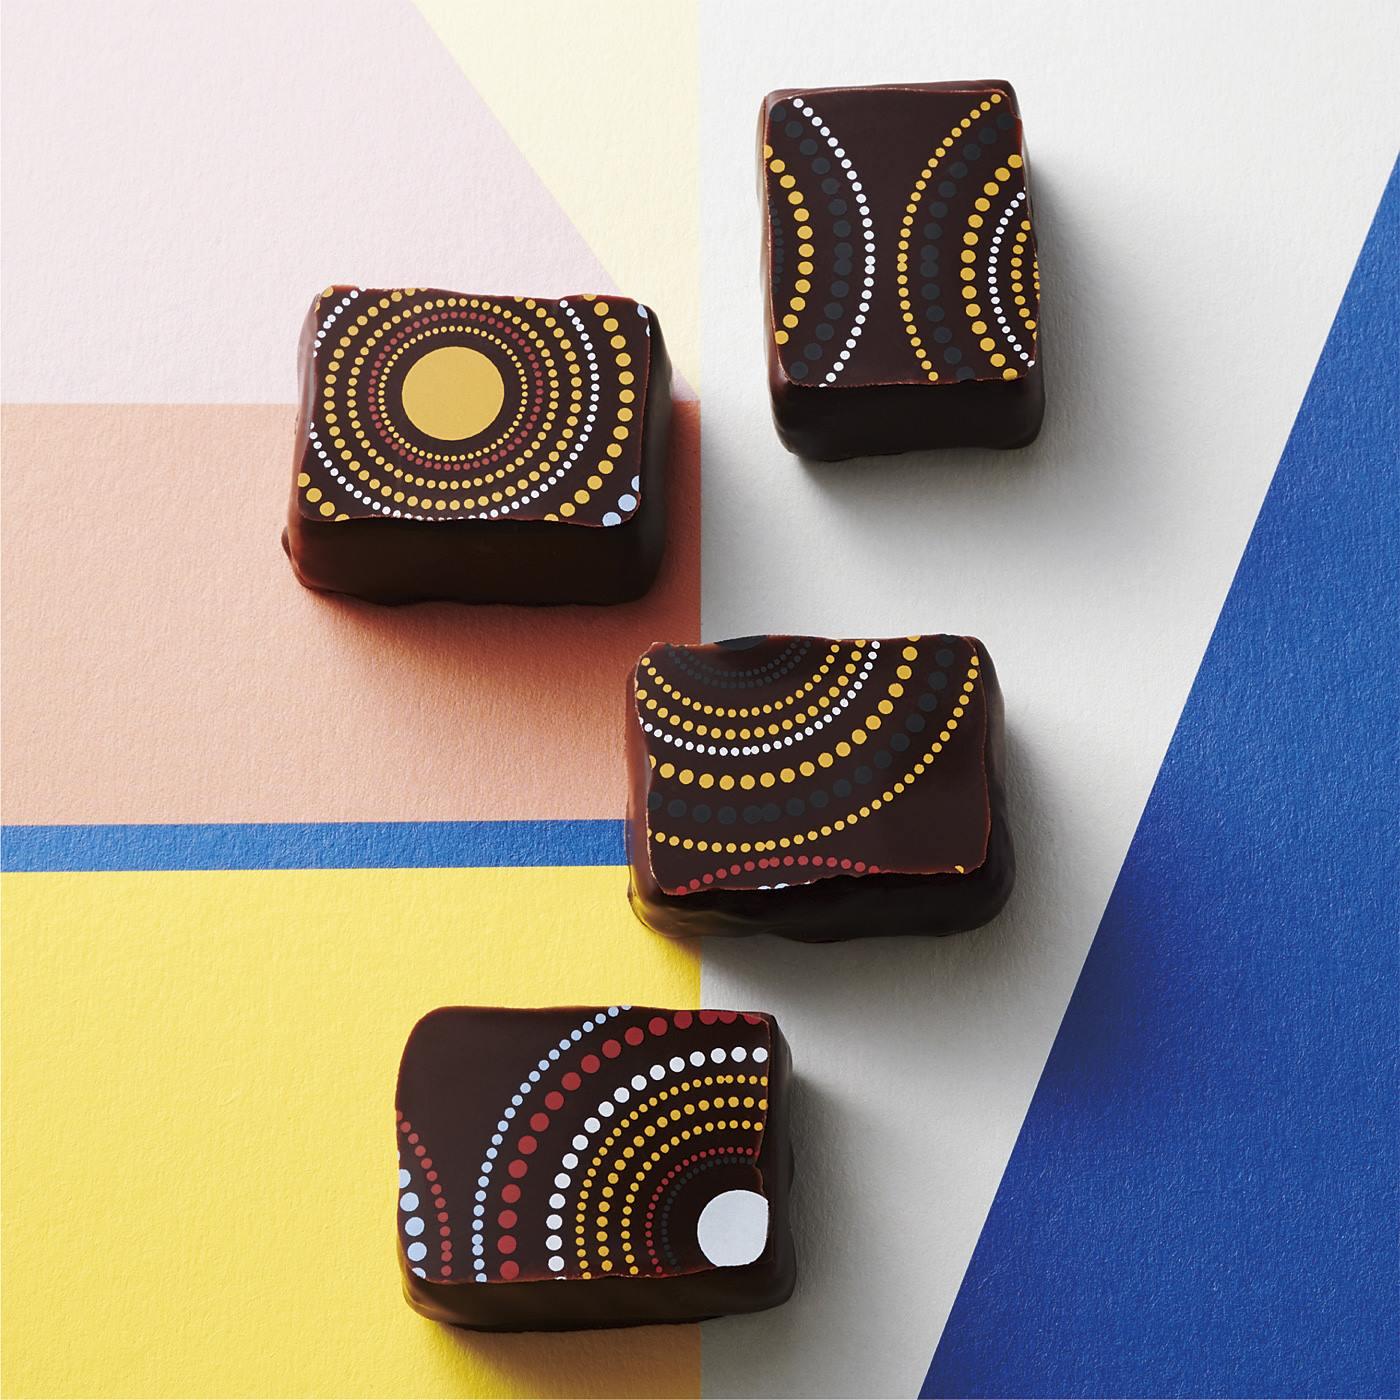 【ホワイトデイお届け】ミニストリー オブ チョコレート ビターガナッシュ